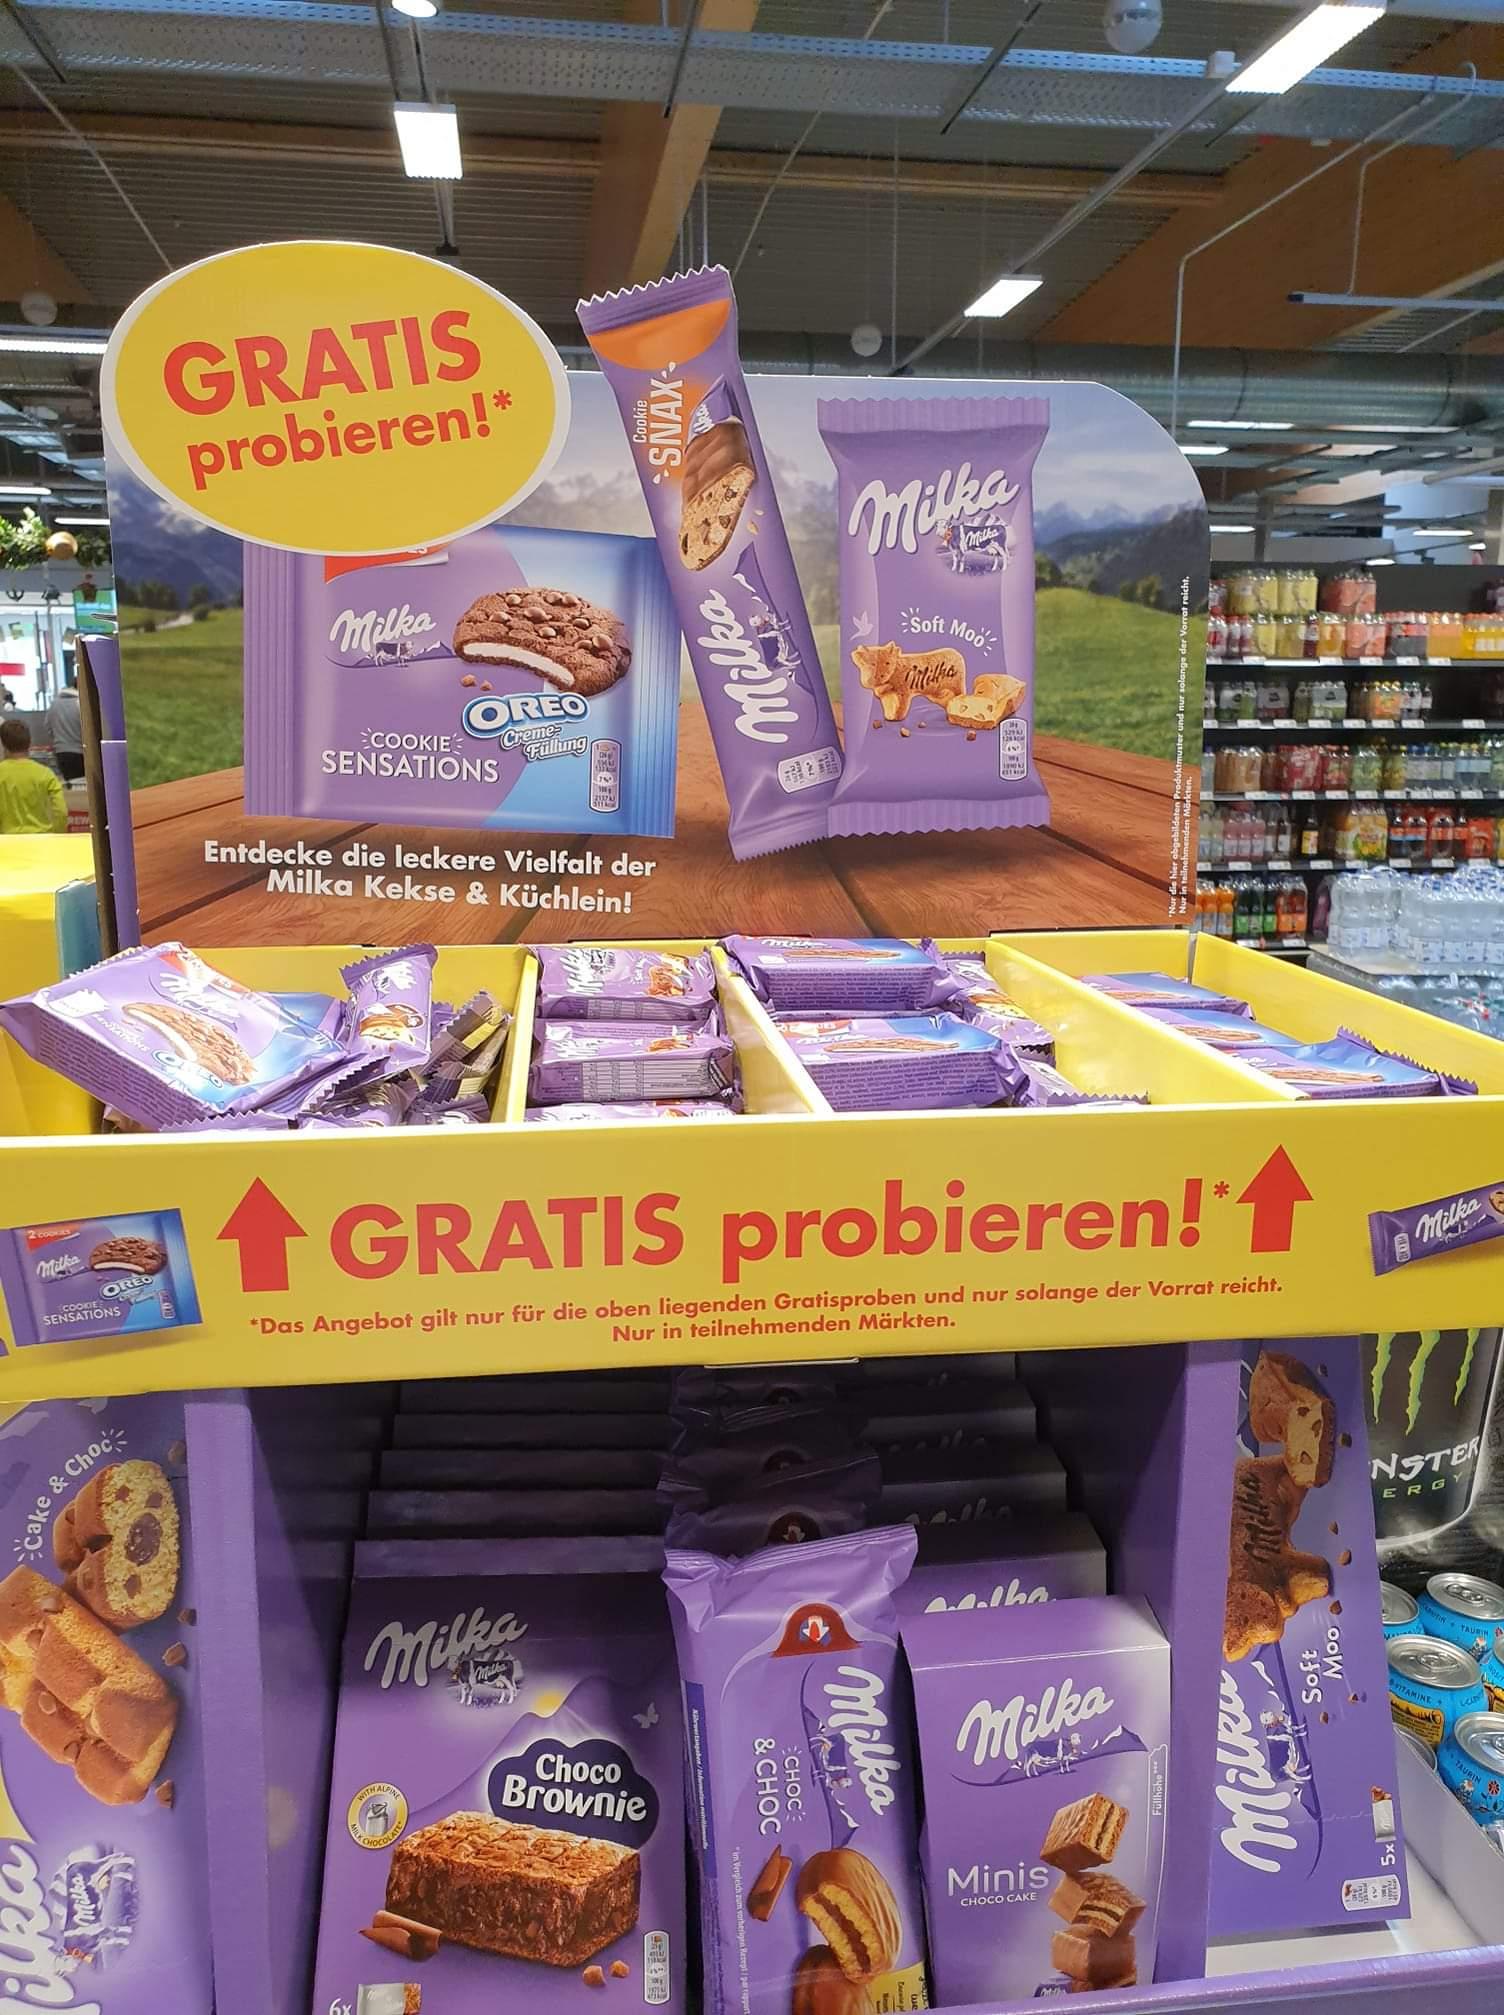 GRATIS: Milka Snacks in den Märkten gratis probieren